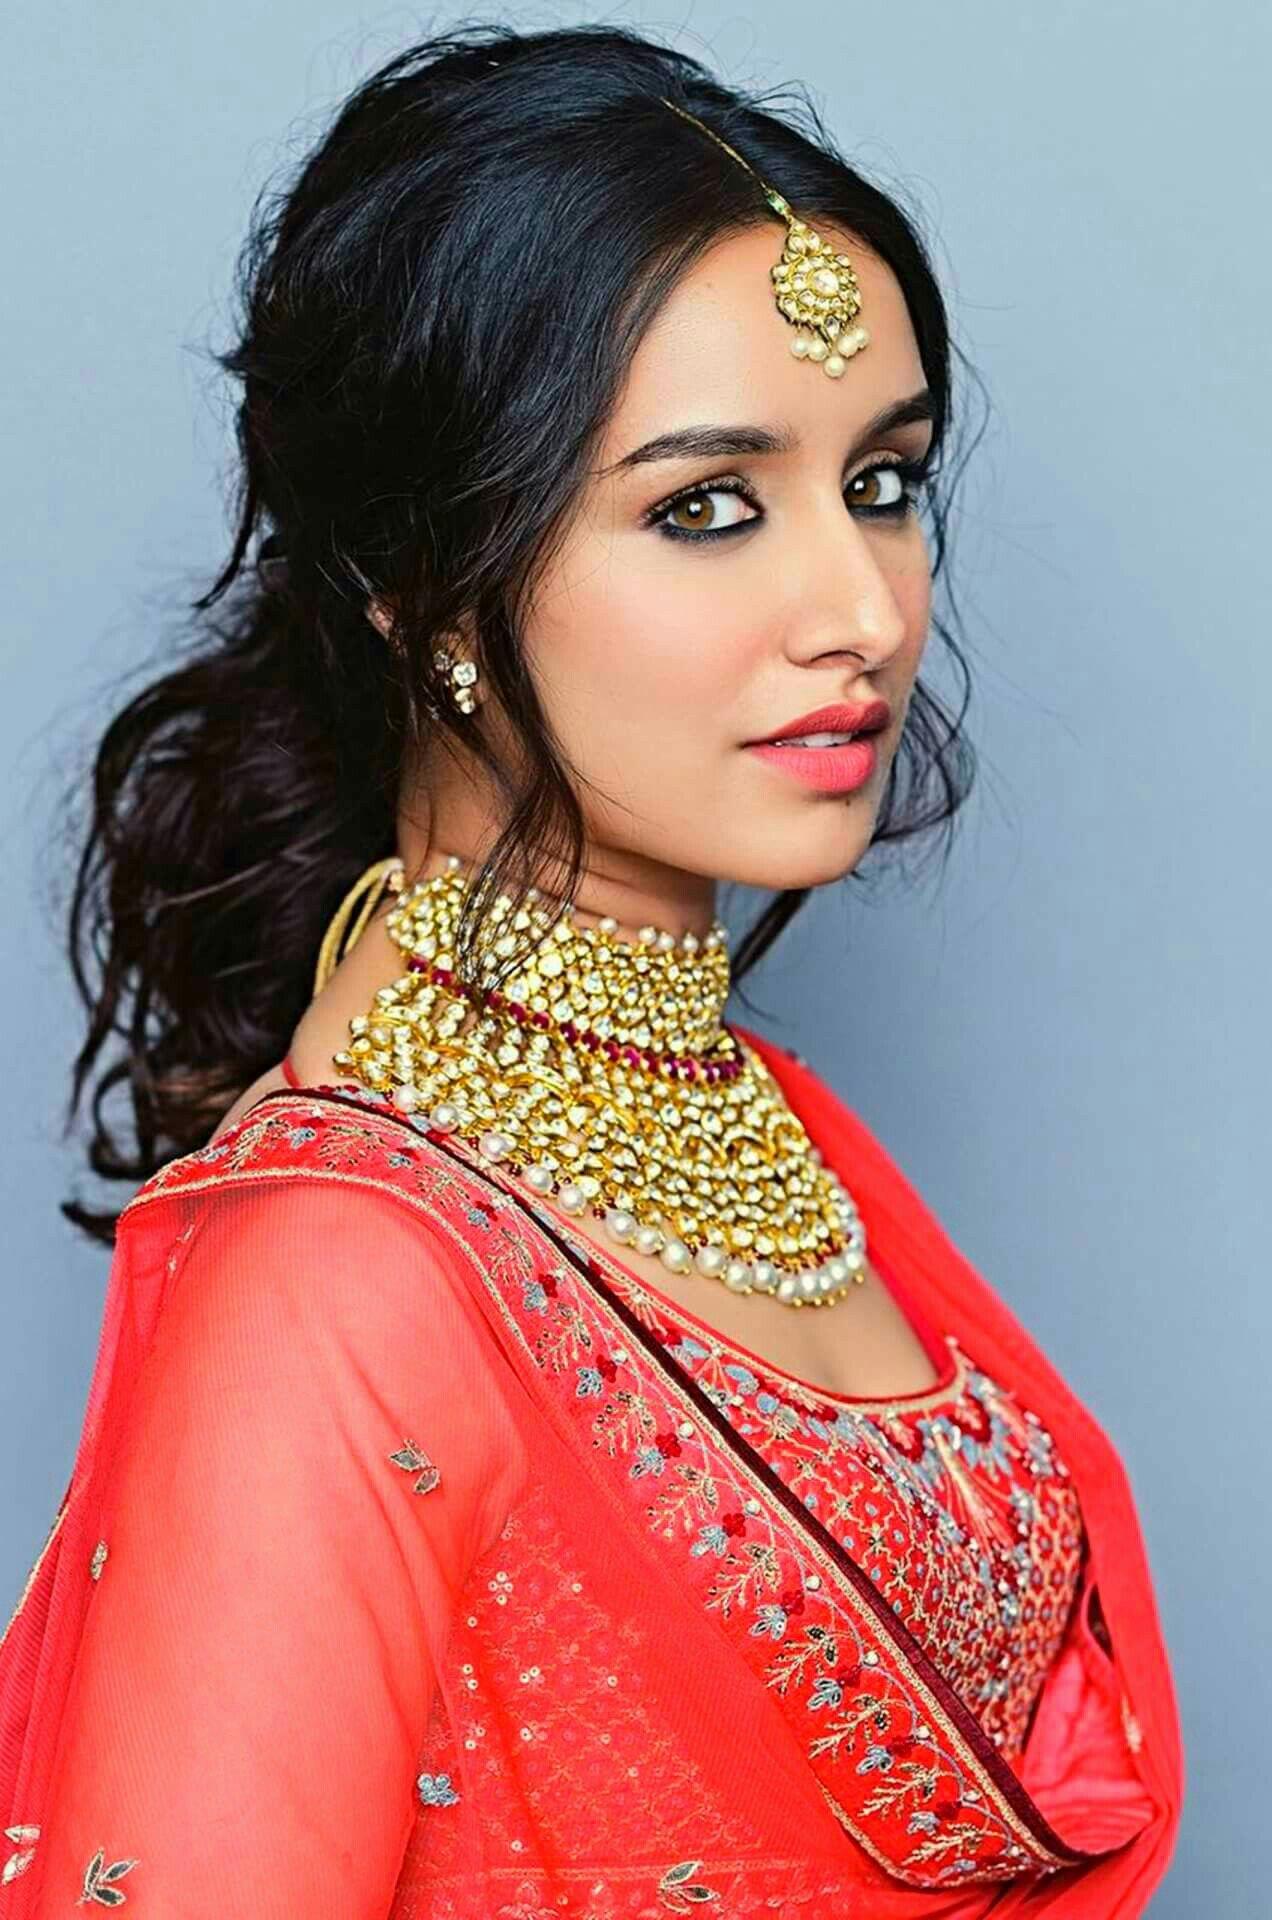 bollywood actress shradha kapoor in anita dongre bridal lengha | sex